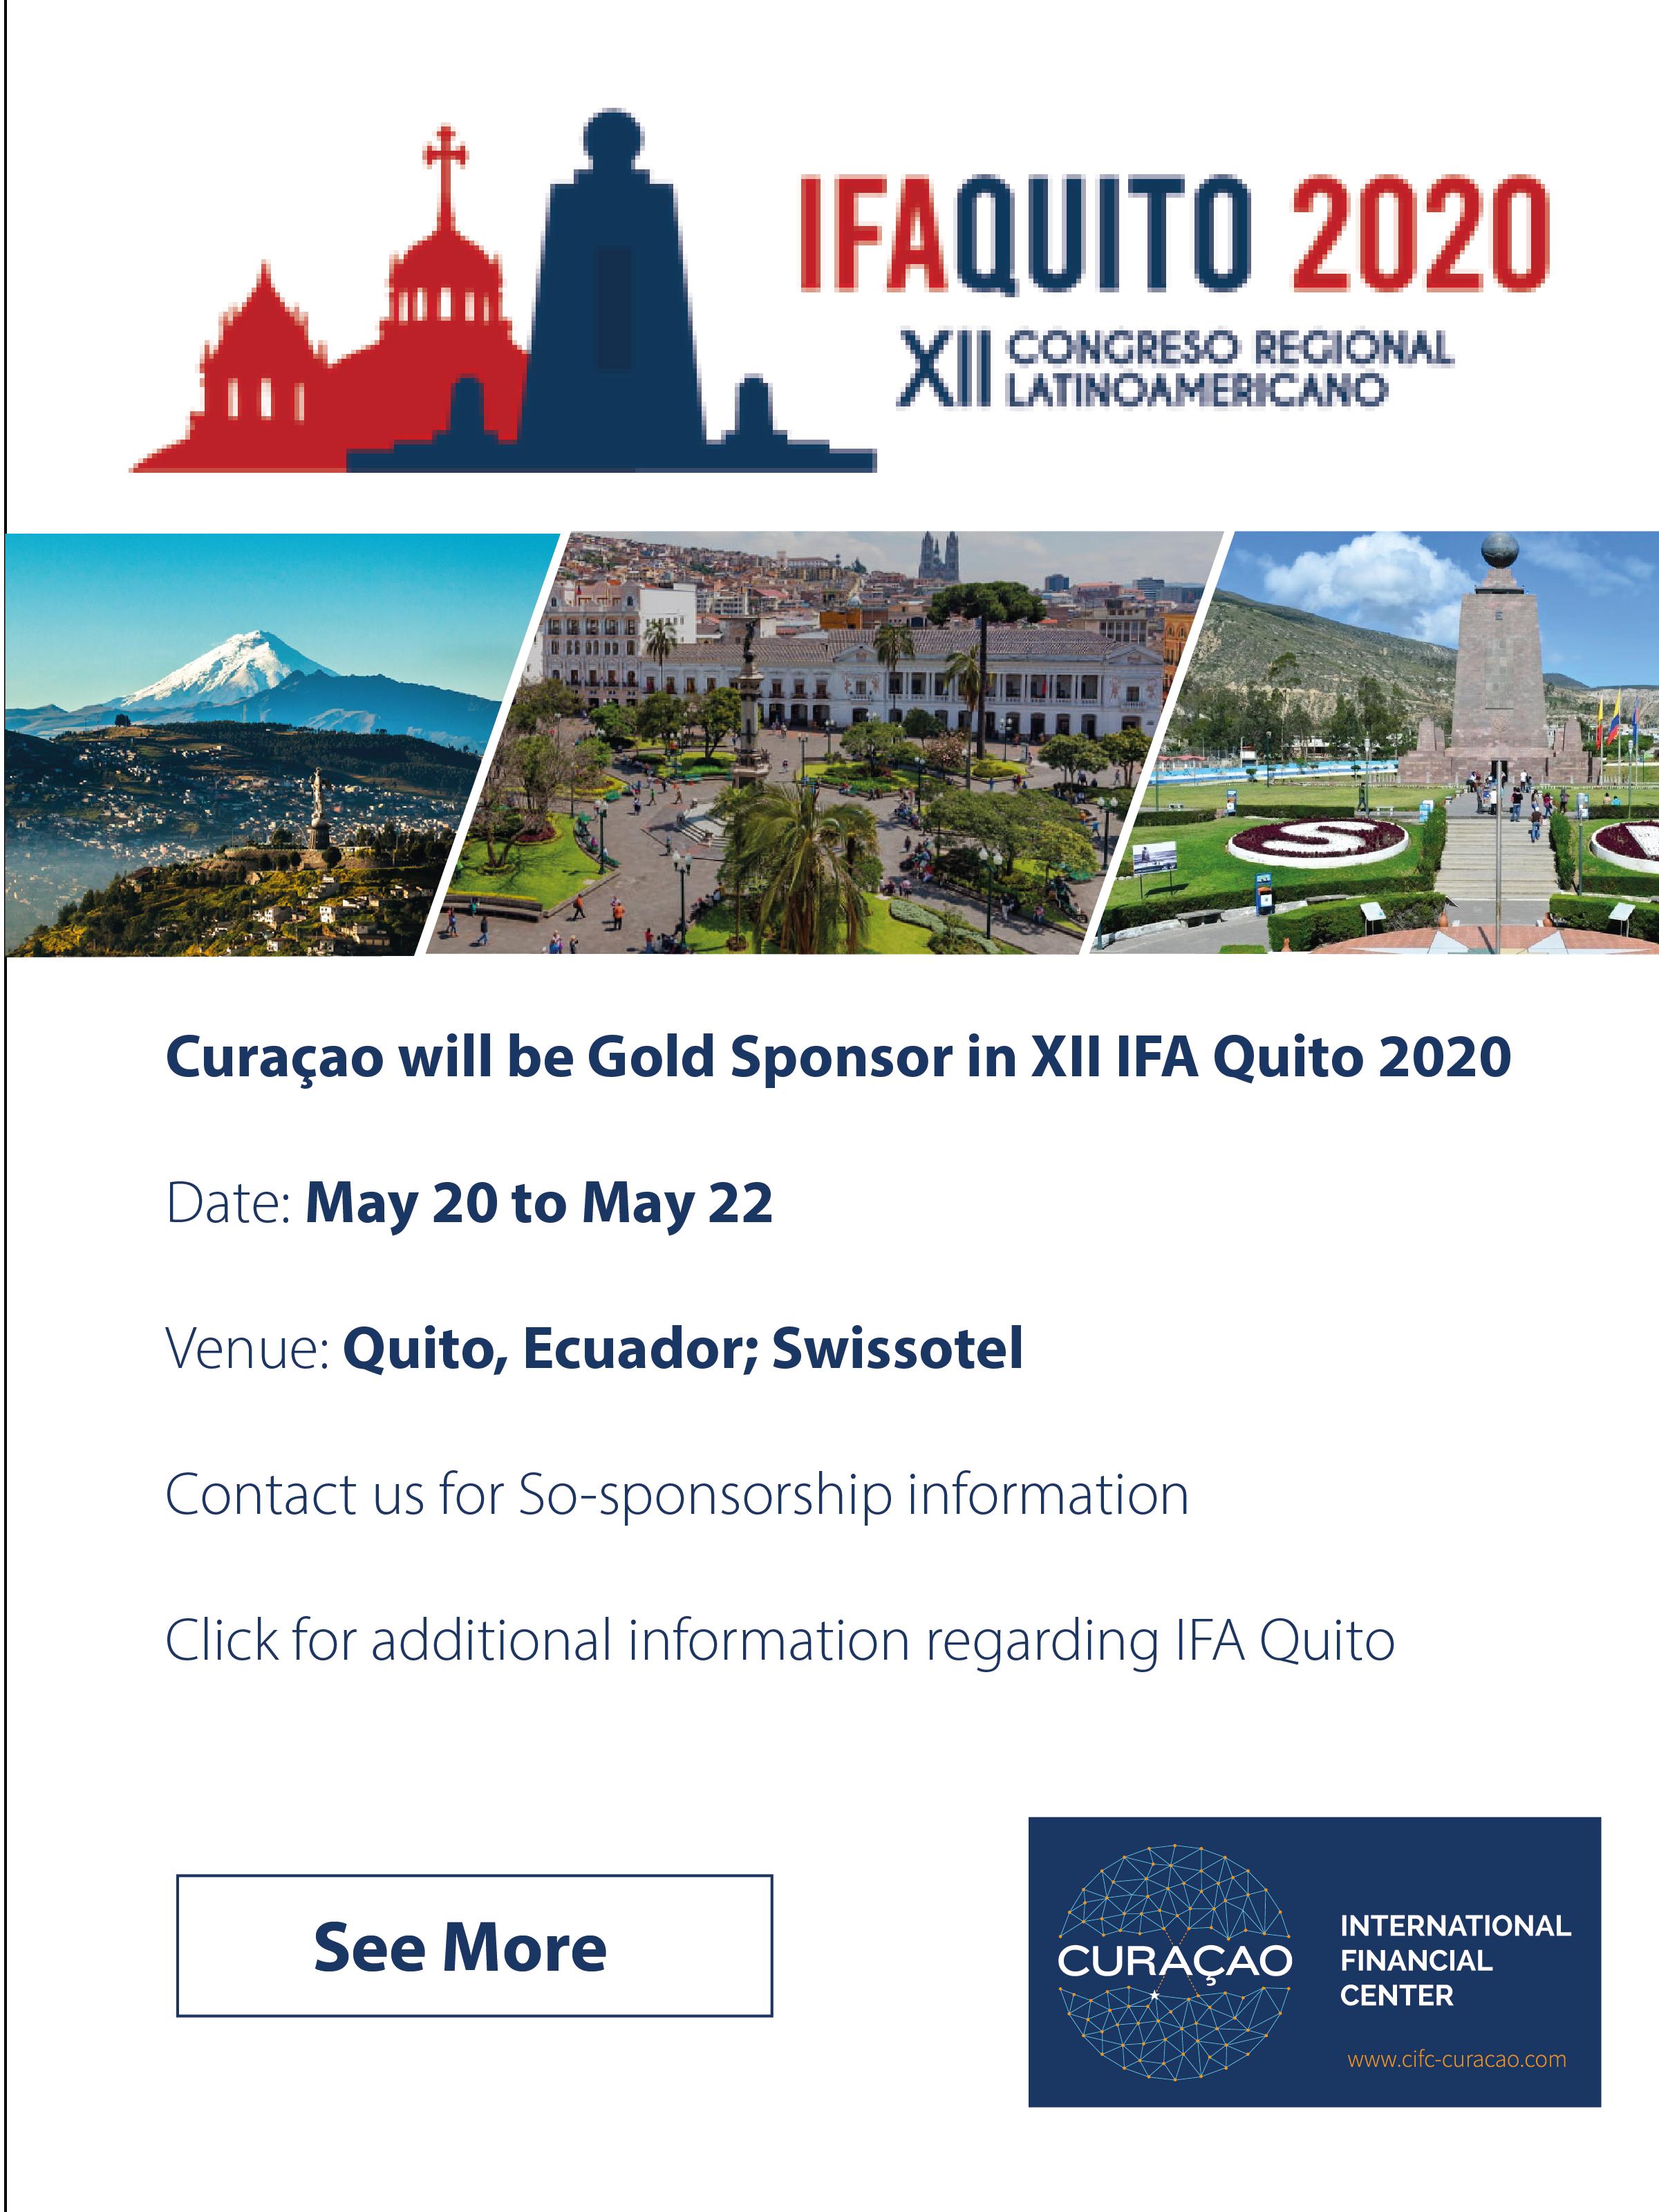 IFA Quito 2020